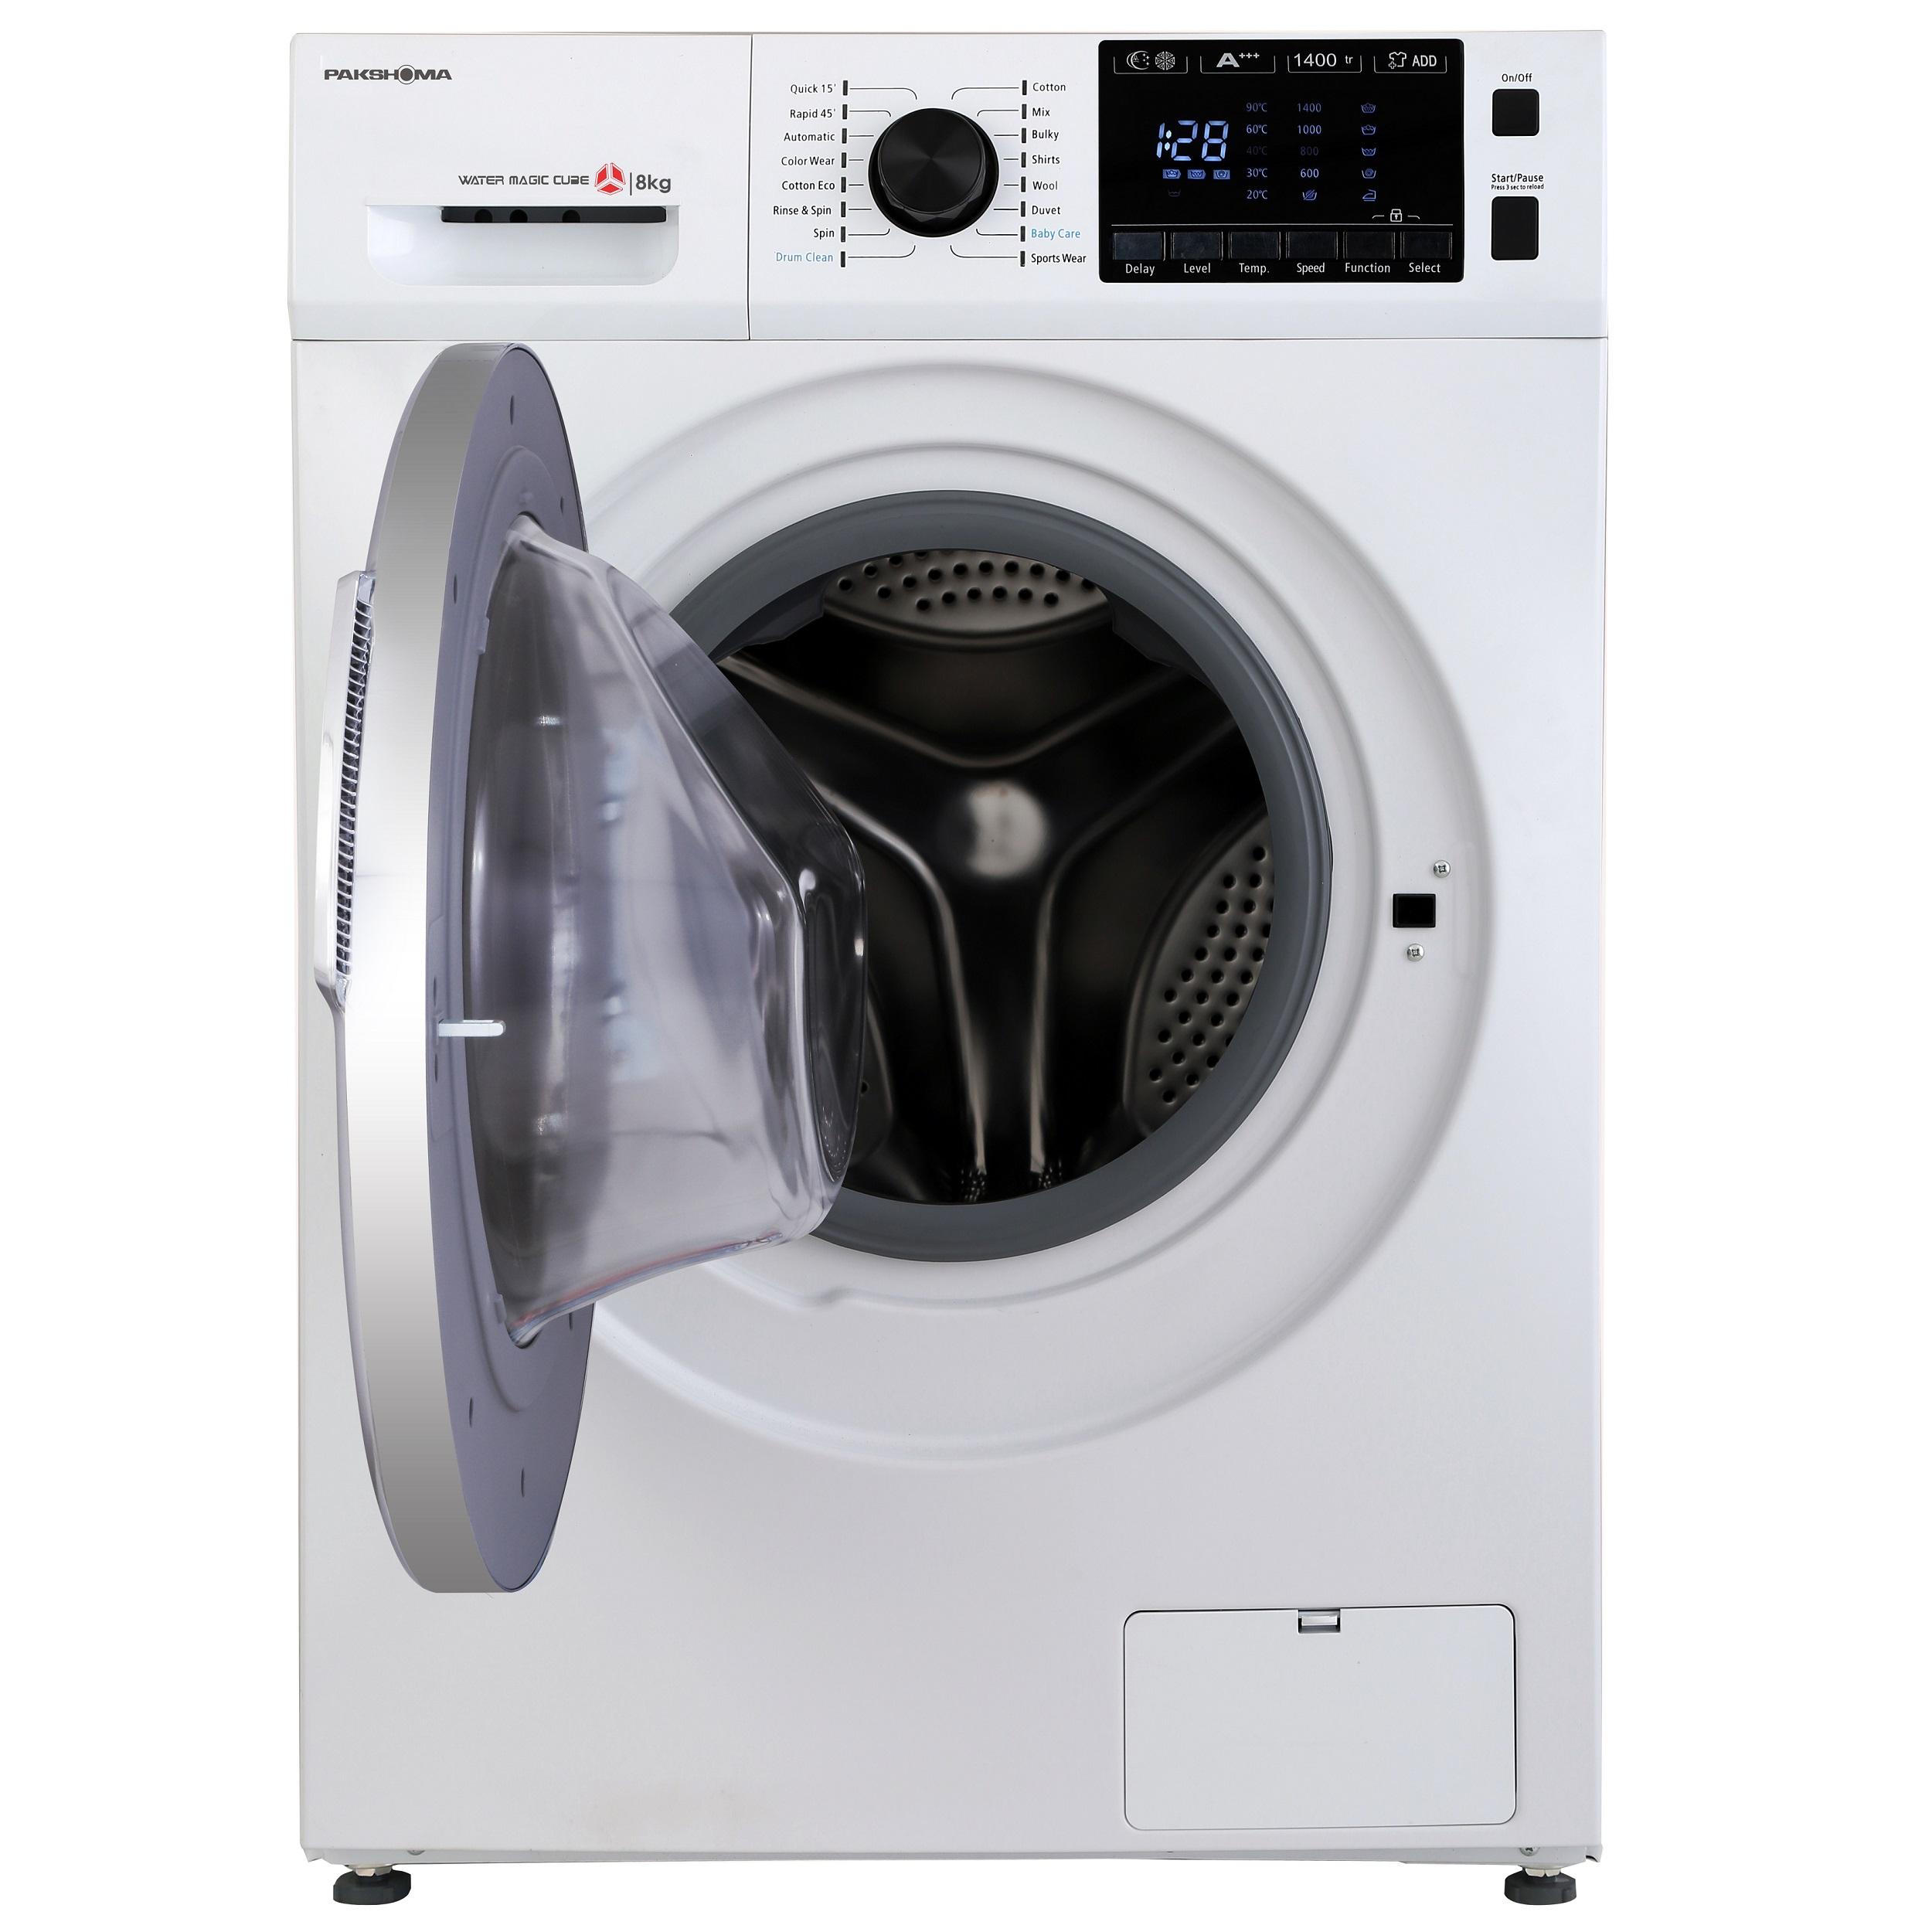 ماشین لباسشویی پاکشوما مدل TFU-84406 ظرفیت 8 کیلوگرم main 1 6